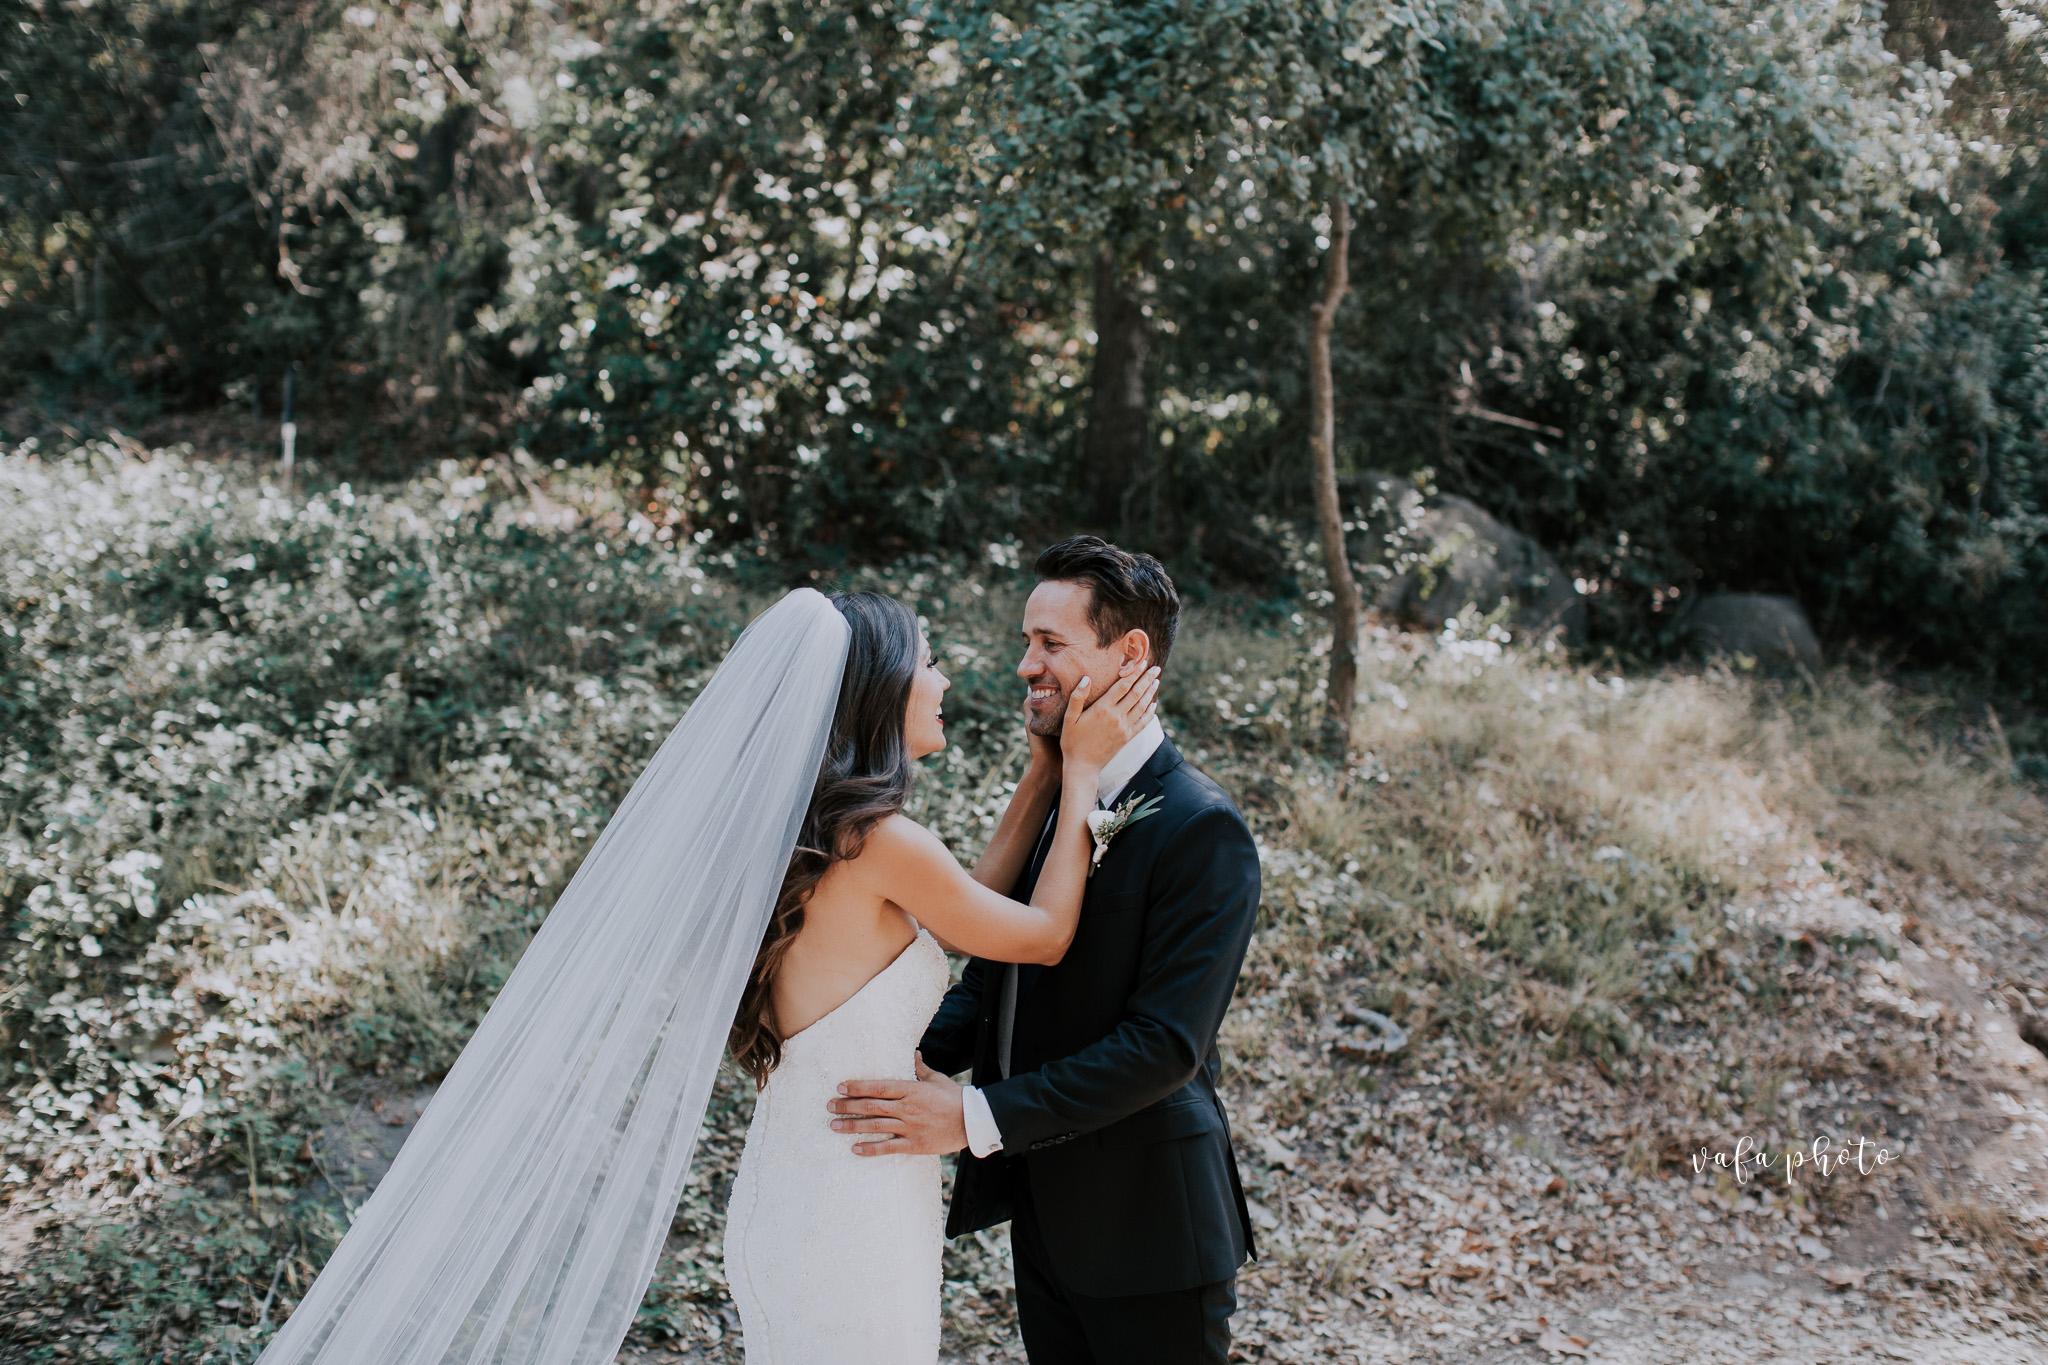 Southern-California-Wedding-Britt-Nilsson-Jeremy-Byrne-Vafa-Photo-211.jpg